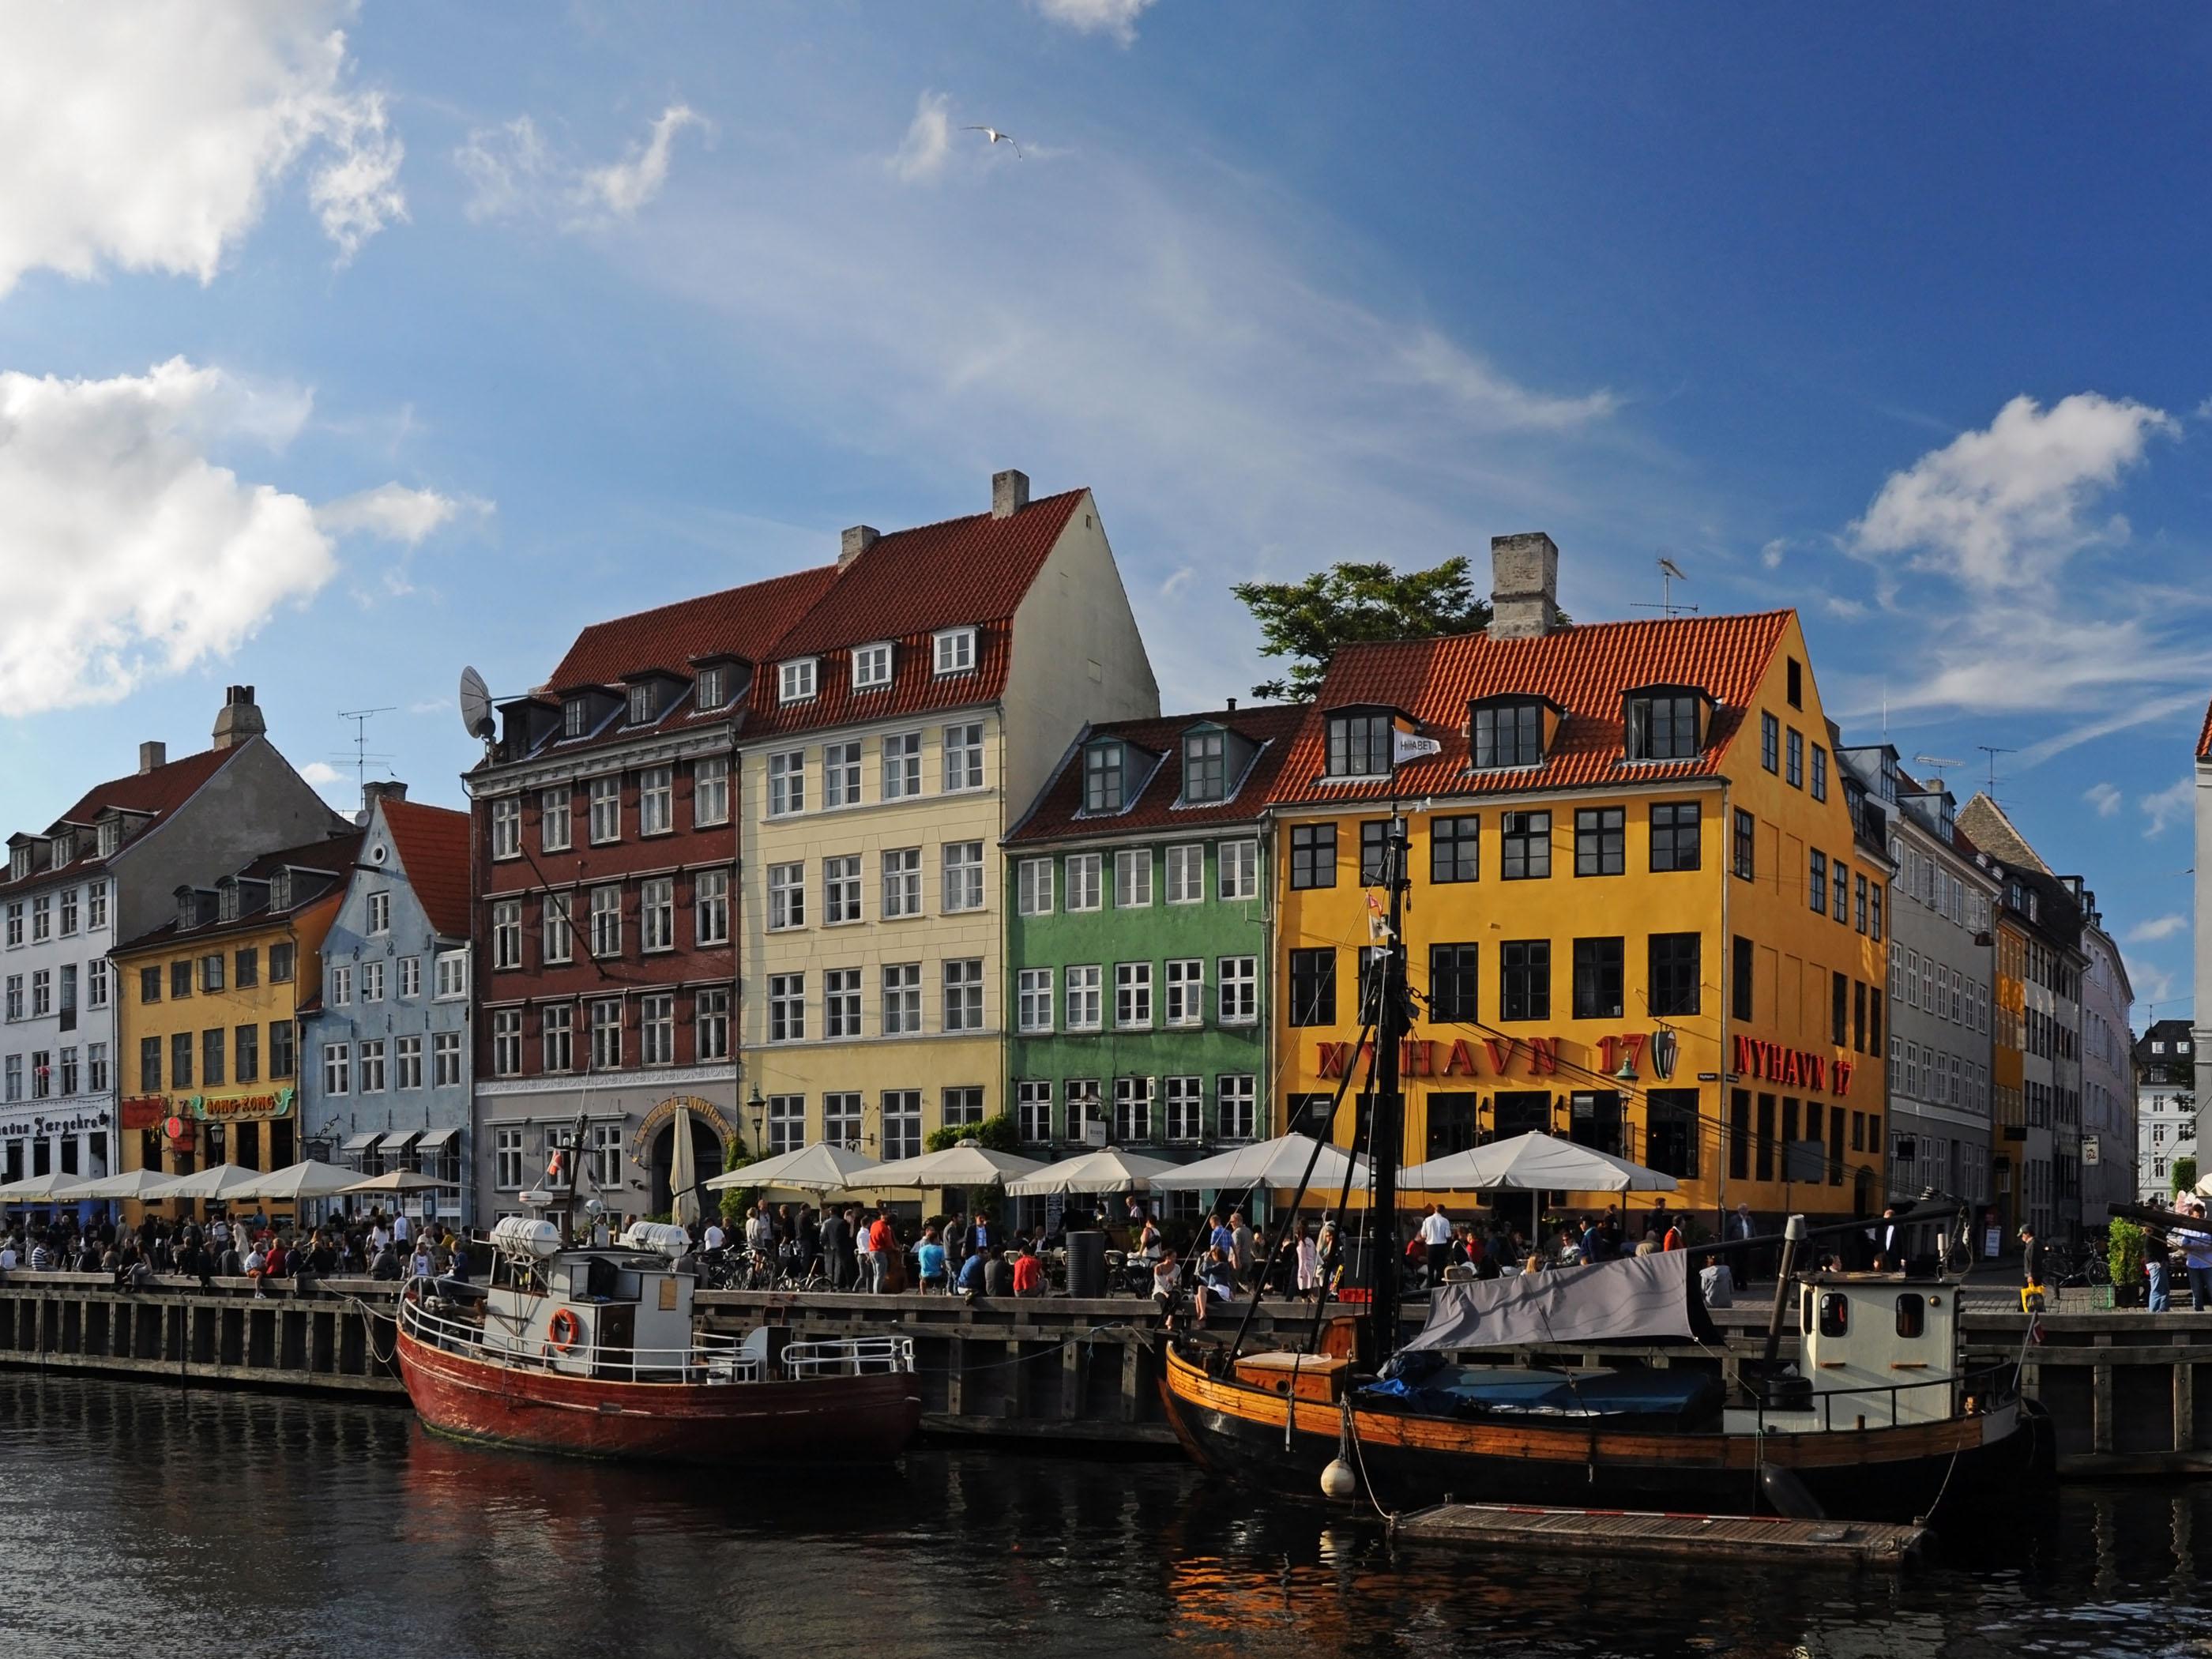 Copenhagen Attractions HD Wallpaper Background Images 2800x2100